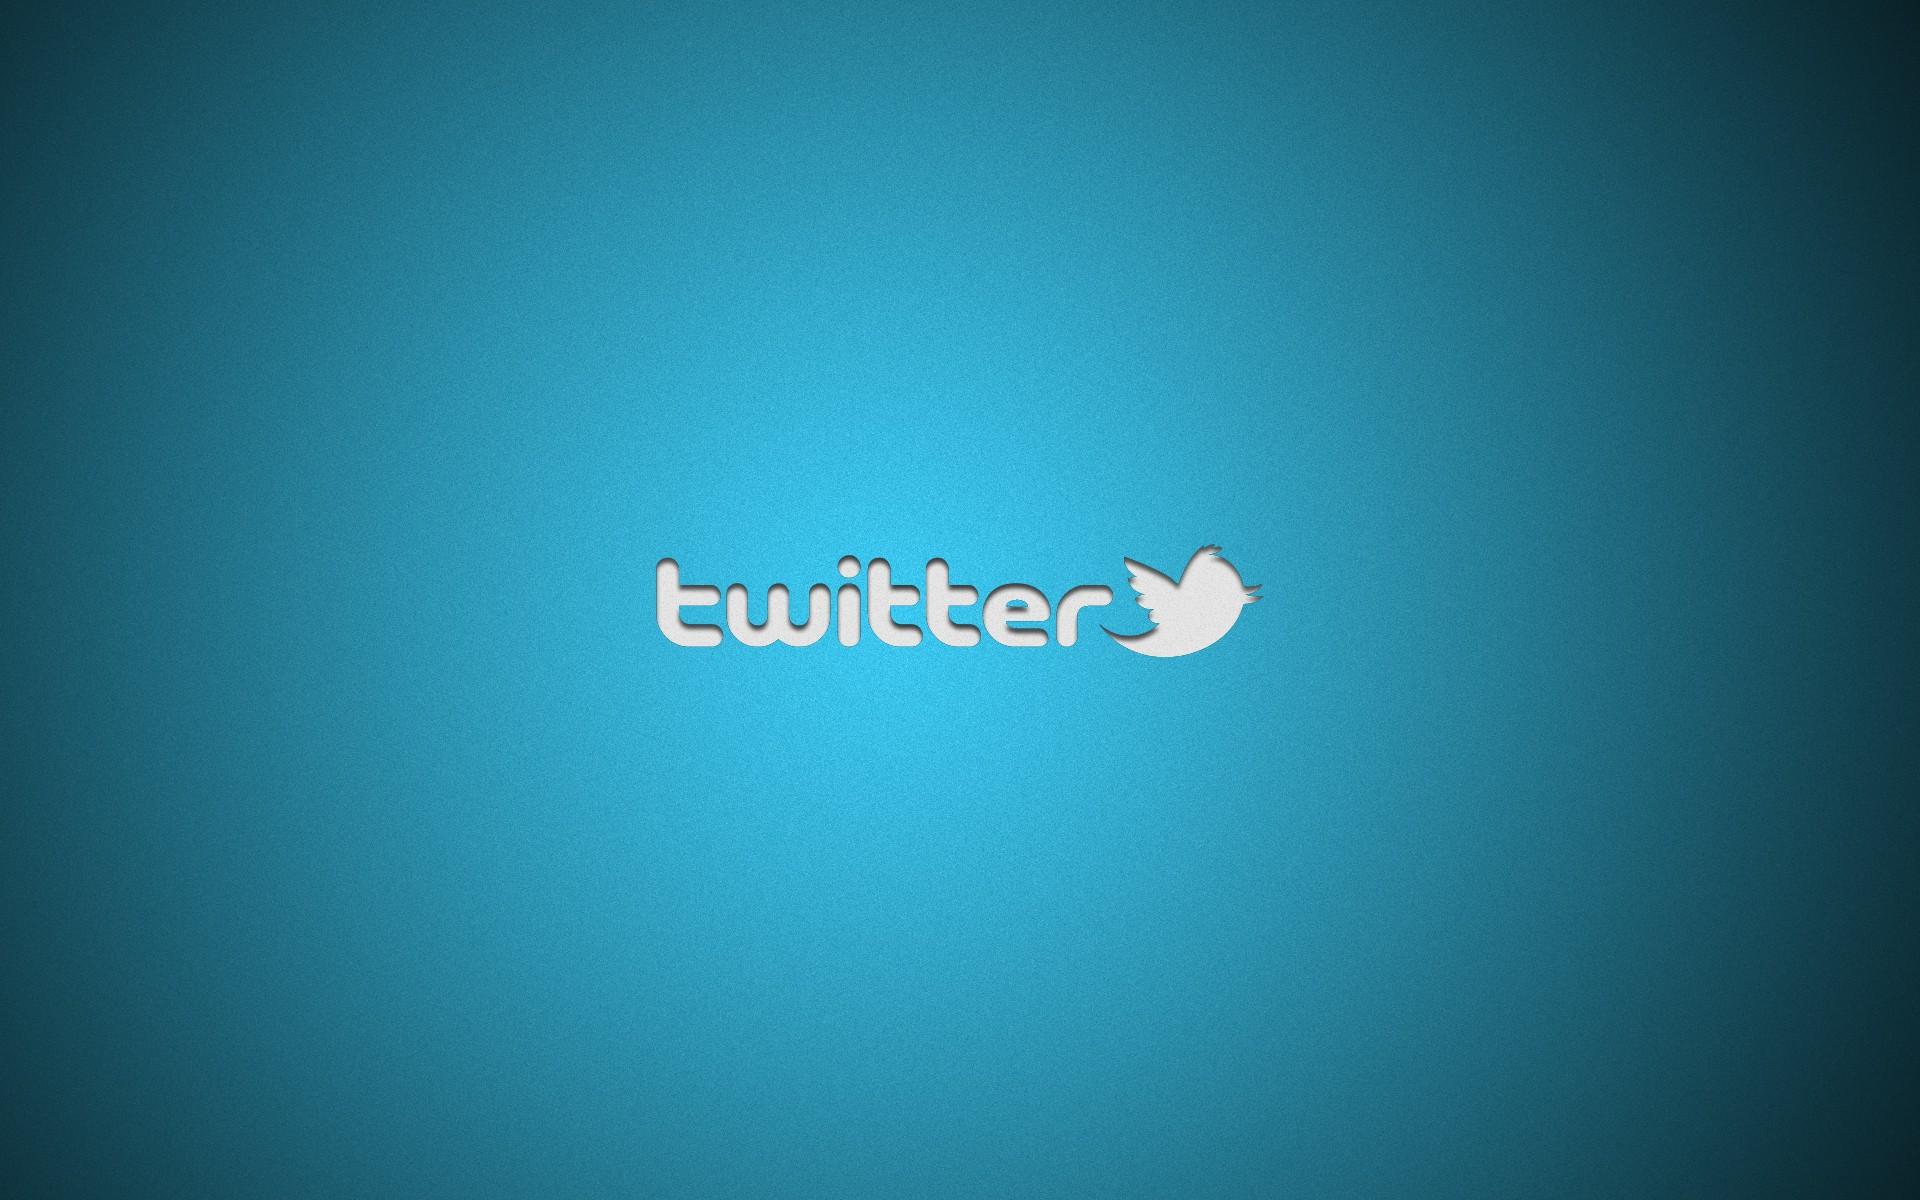 Twitter c'est bon pour le business #AfterReading